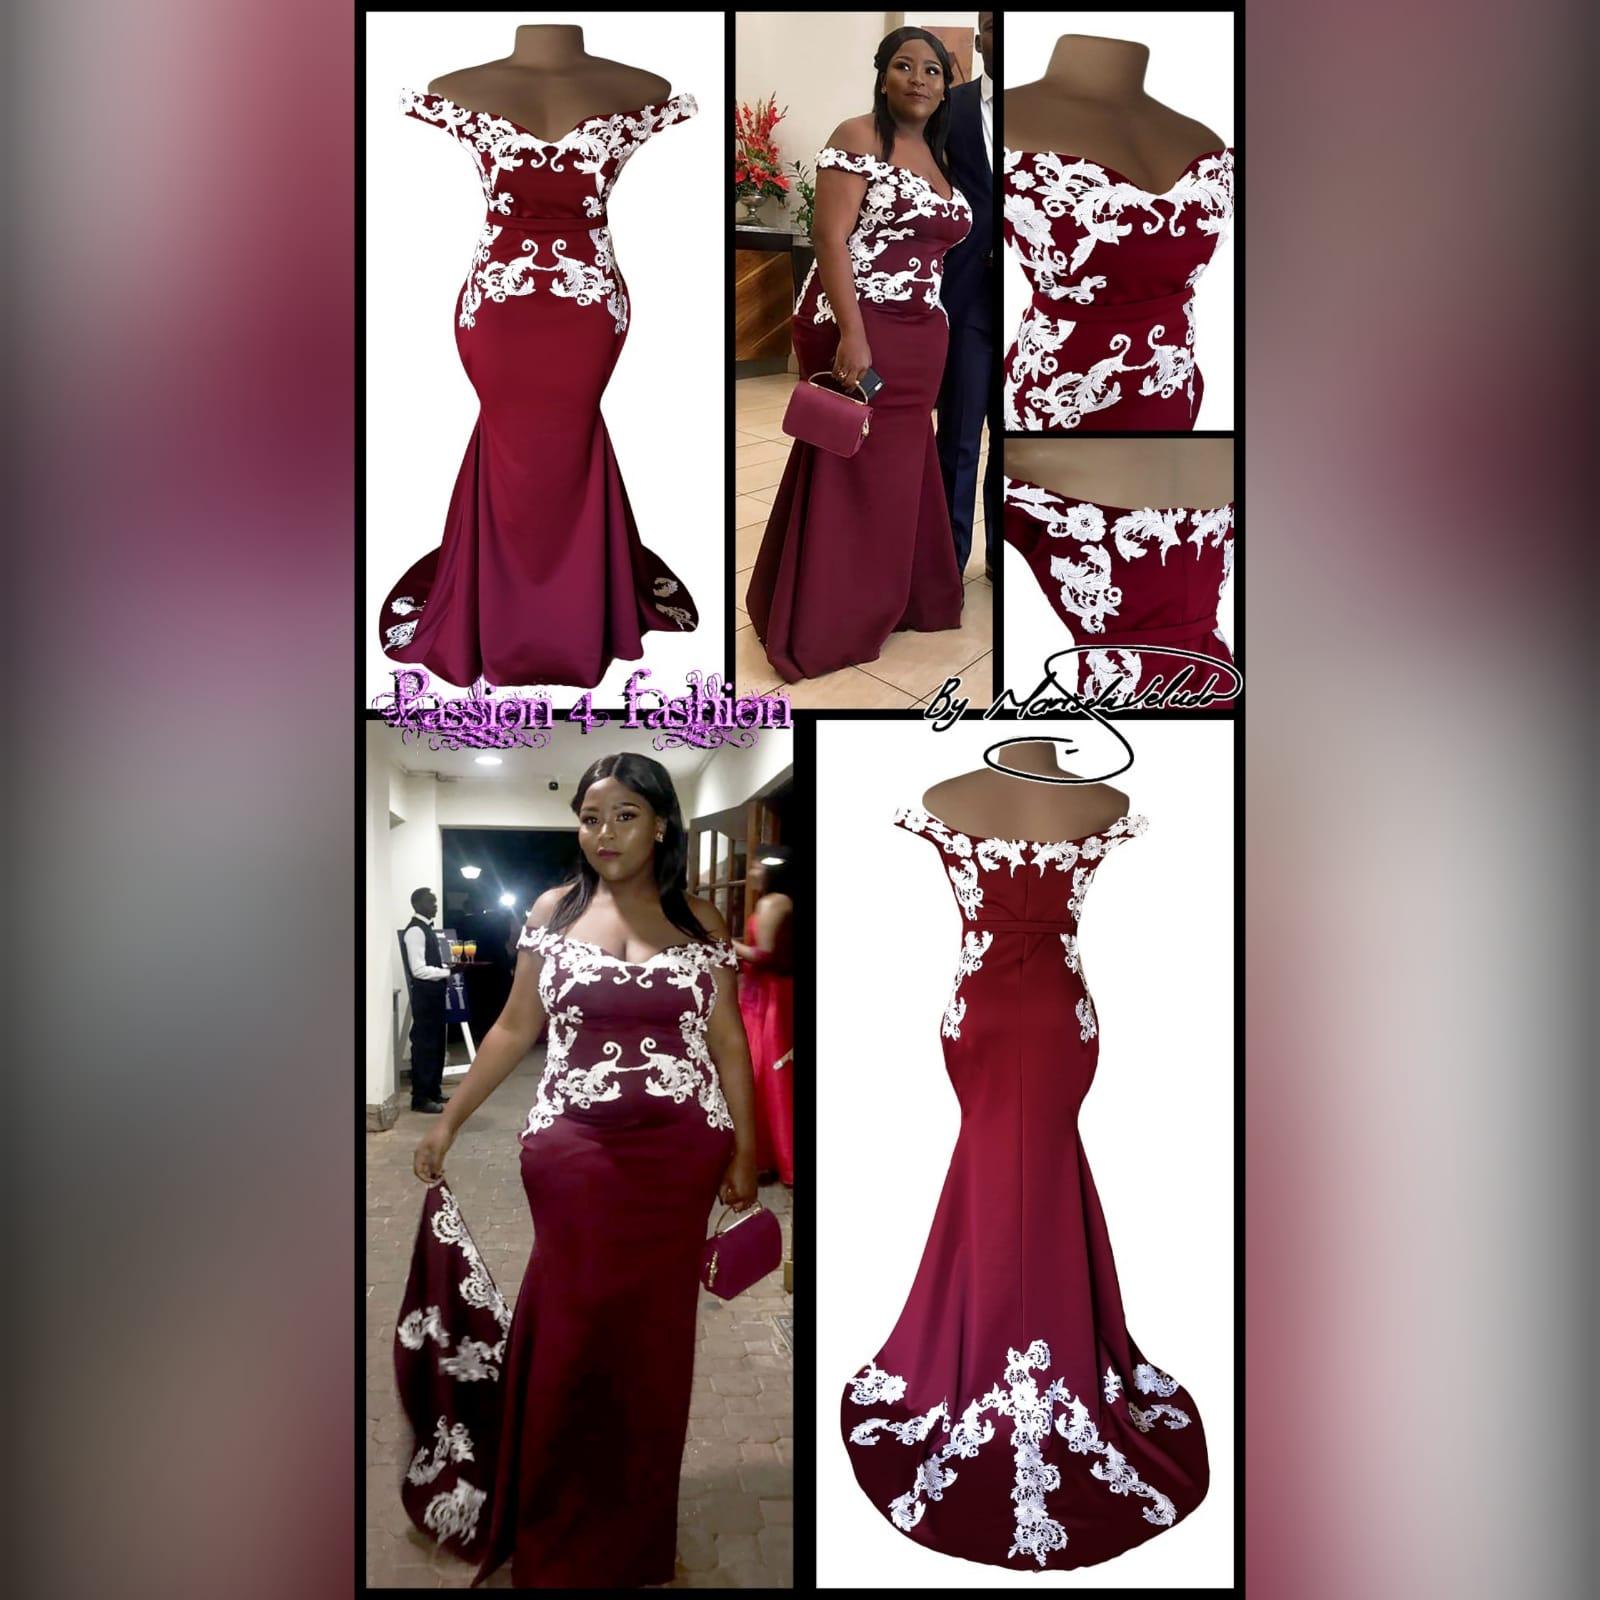 Vestido finalistas cor vinho e branco sereia 3 vestido finalistas cor vinho e branco sereia. Com corpete, ancas e cauda detalhada com apliques de renda branca.